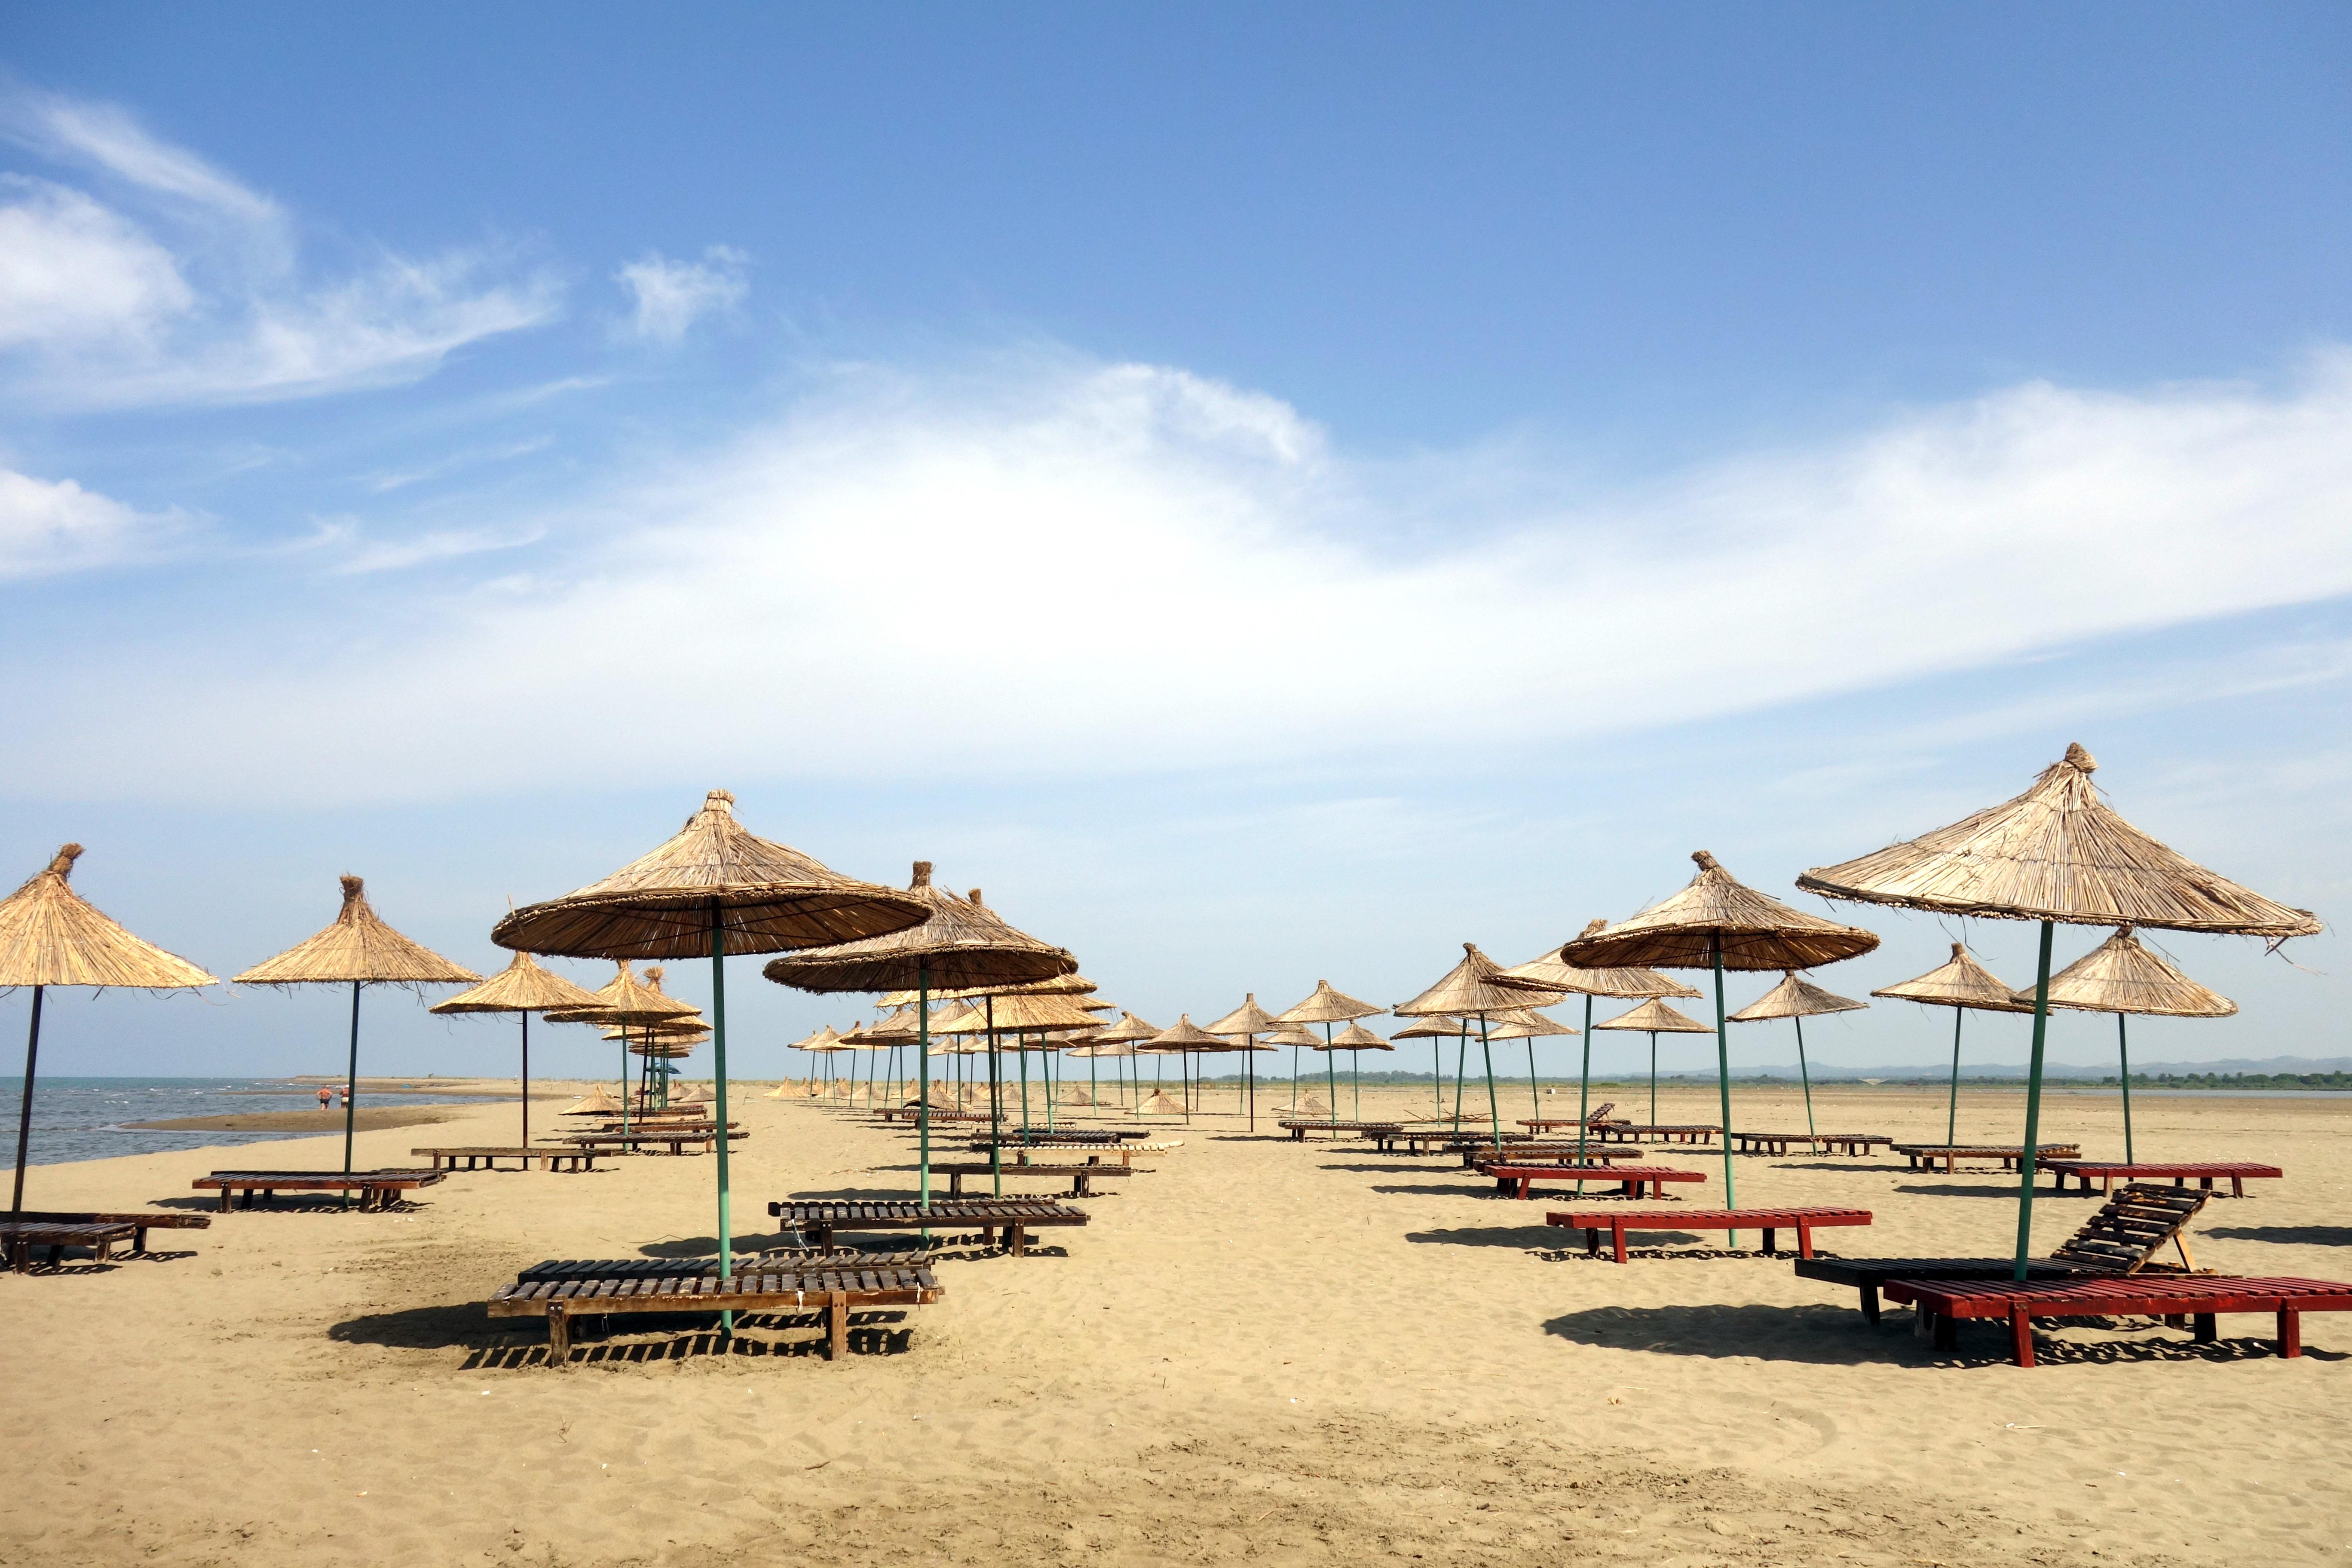 plage de la lagune en Albanie